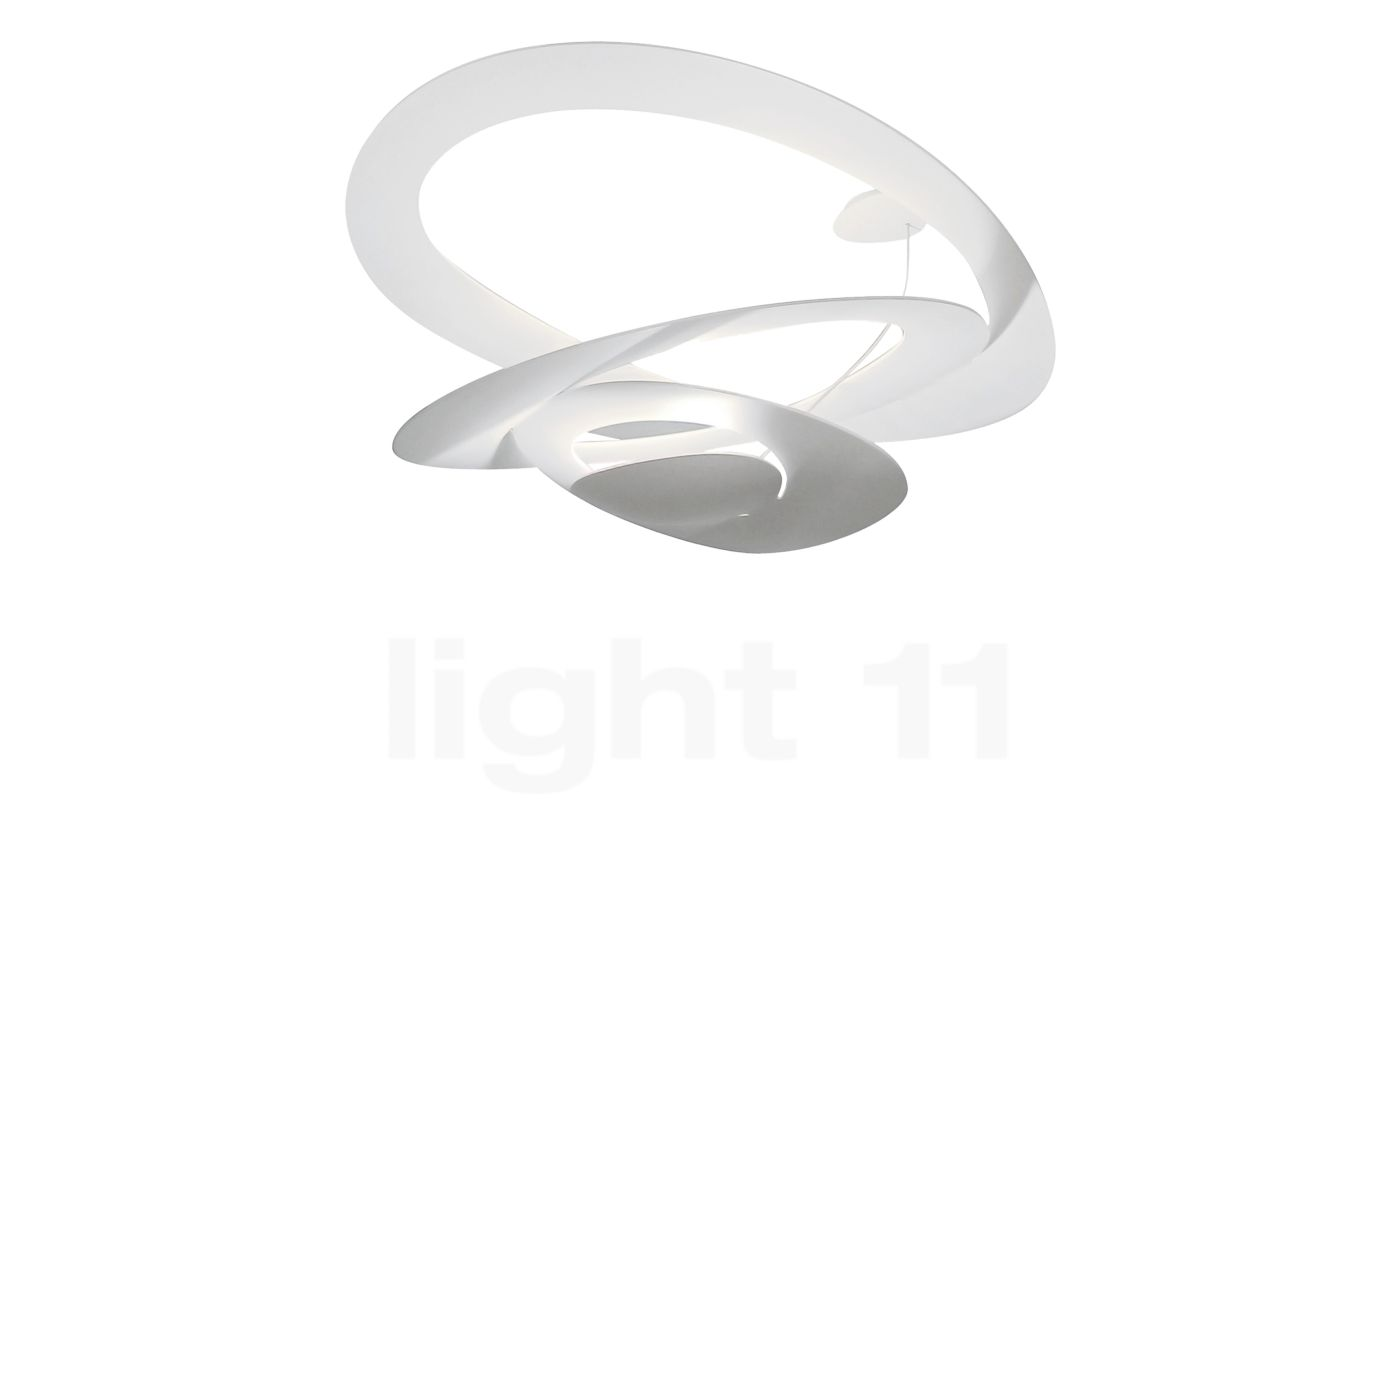 Mini Soffitto Deckenfluter Von Artemide Pirce Kaufen Bei Light11.de